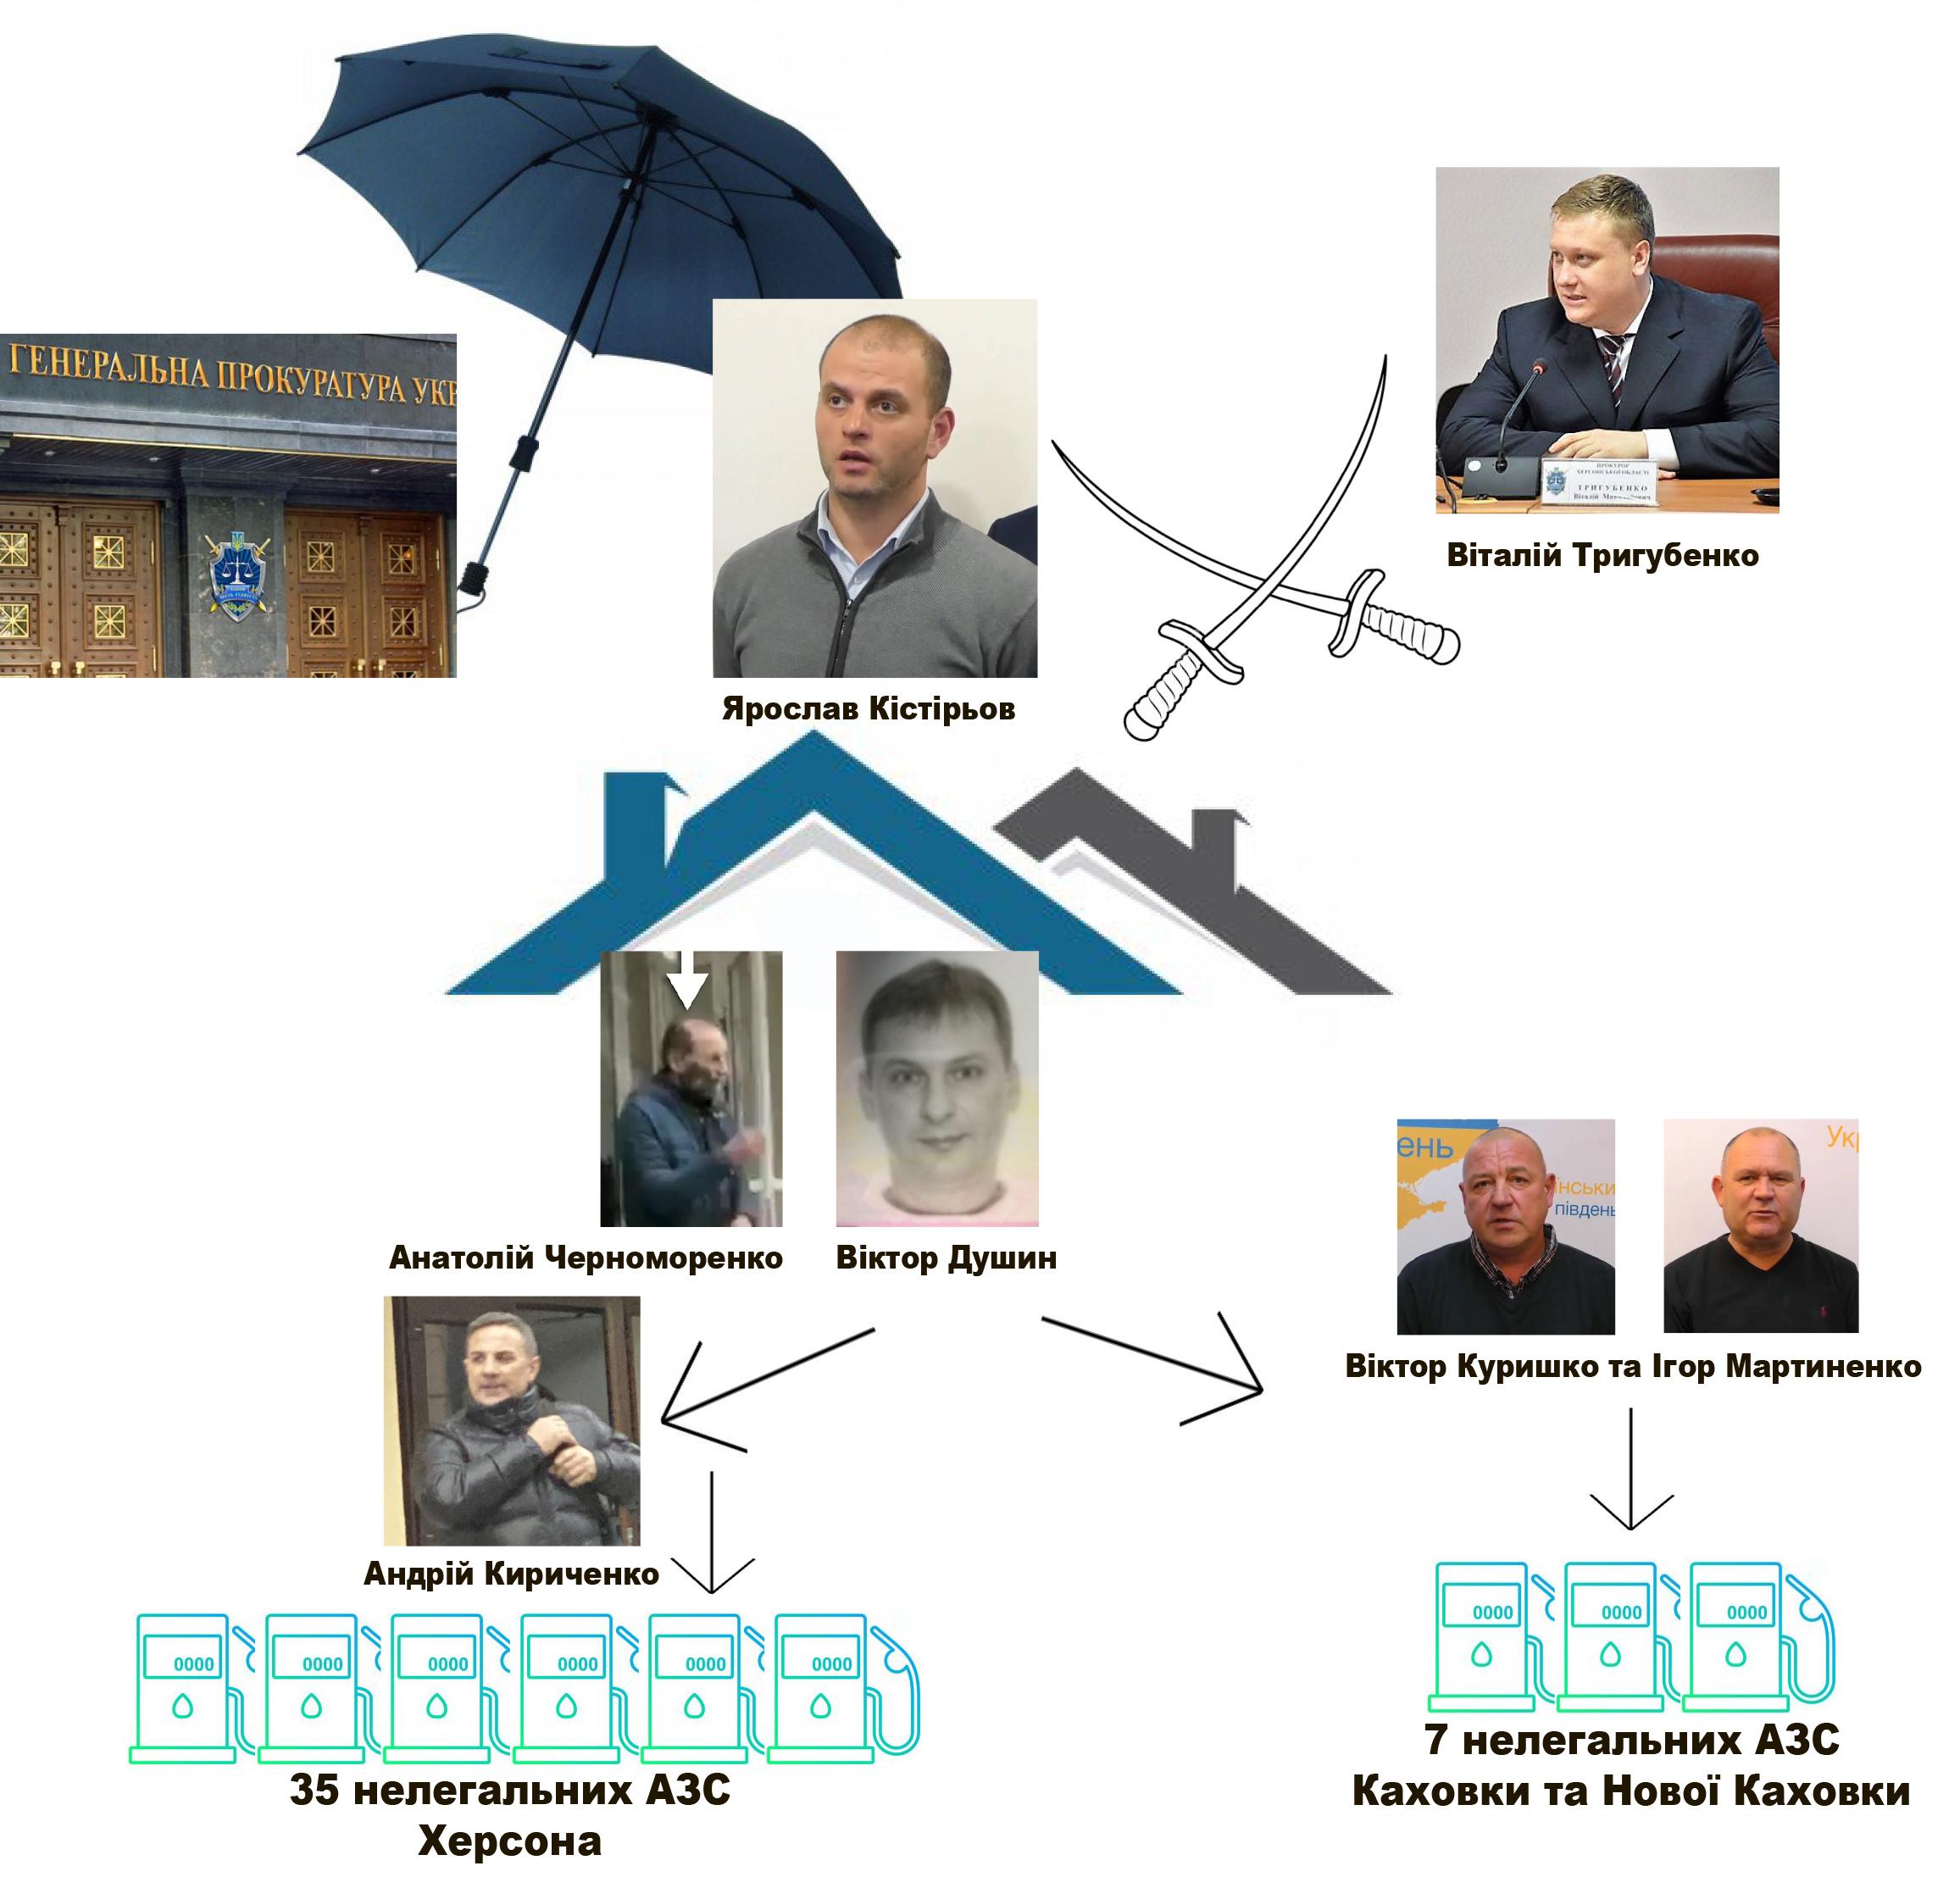 Паливно-прокурорська мафія по-херсонські 2